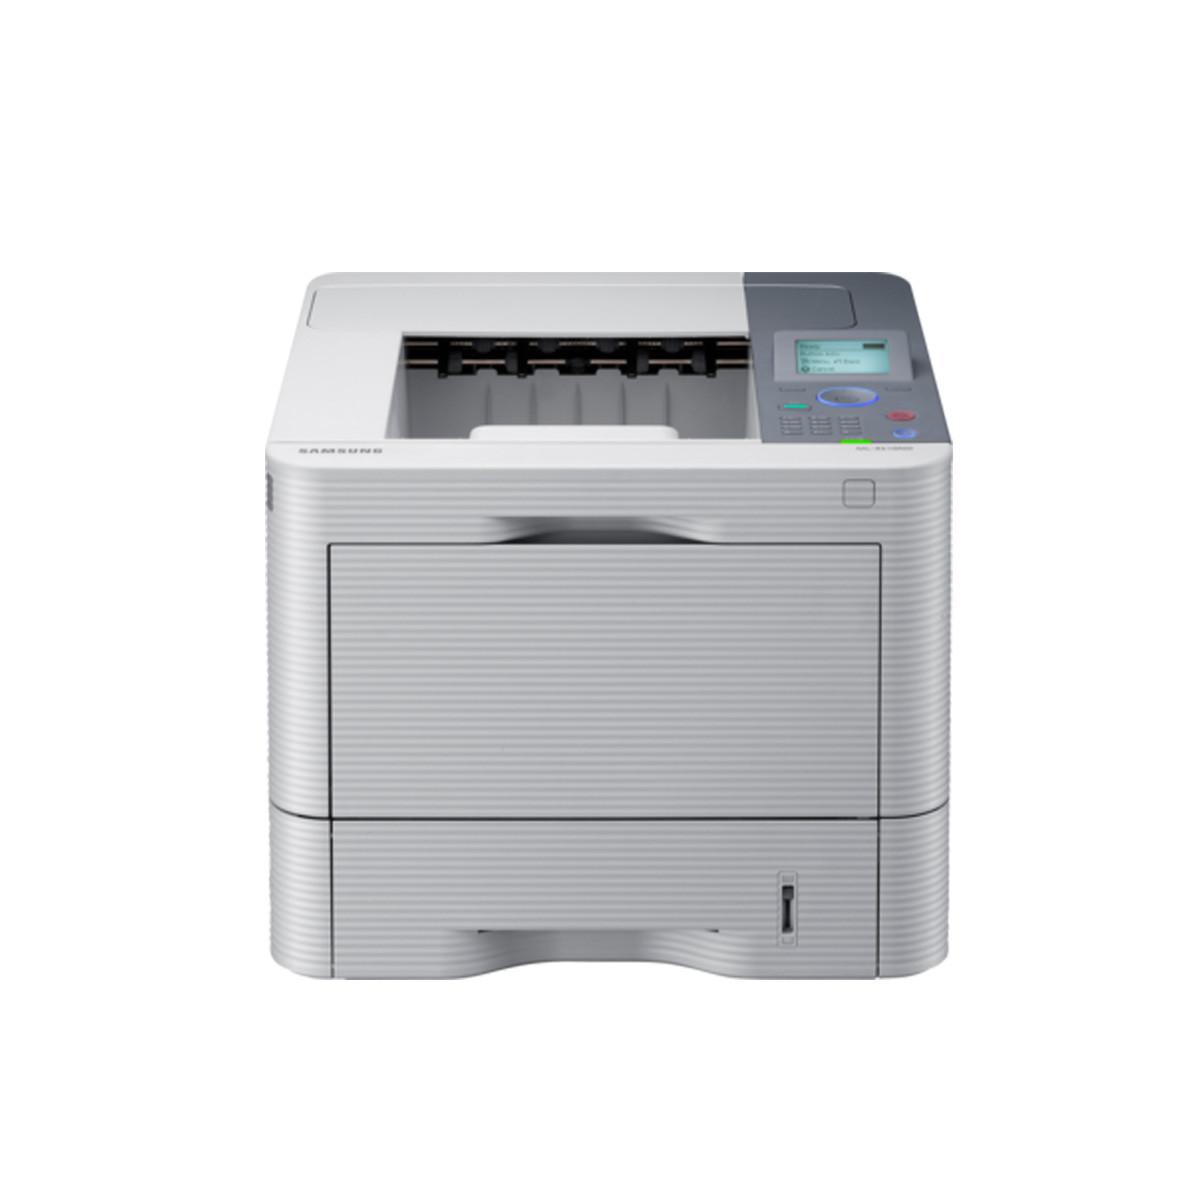 Impressora Samsung ML4510ND ML4510 | Laser Monocromática